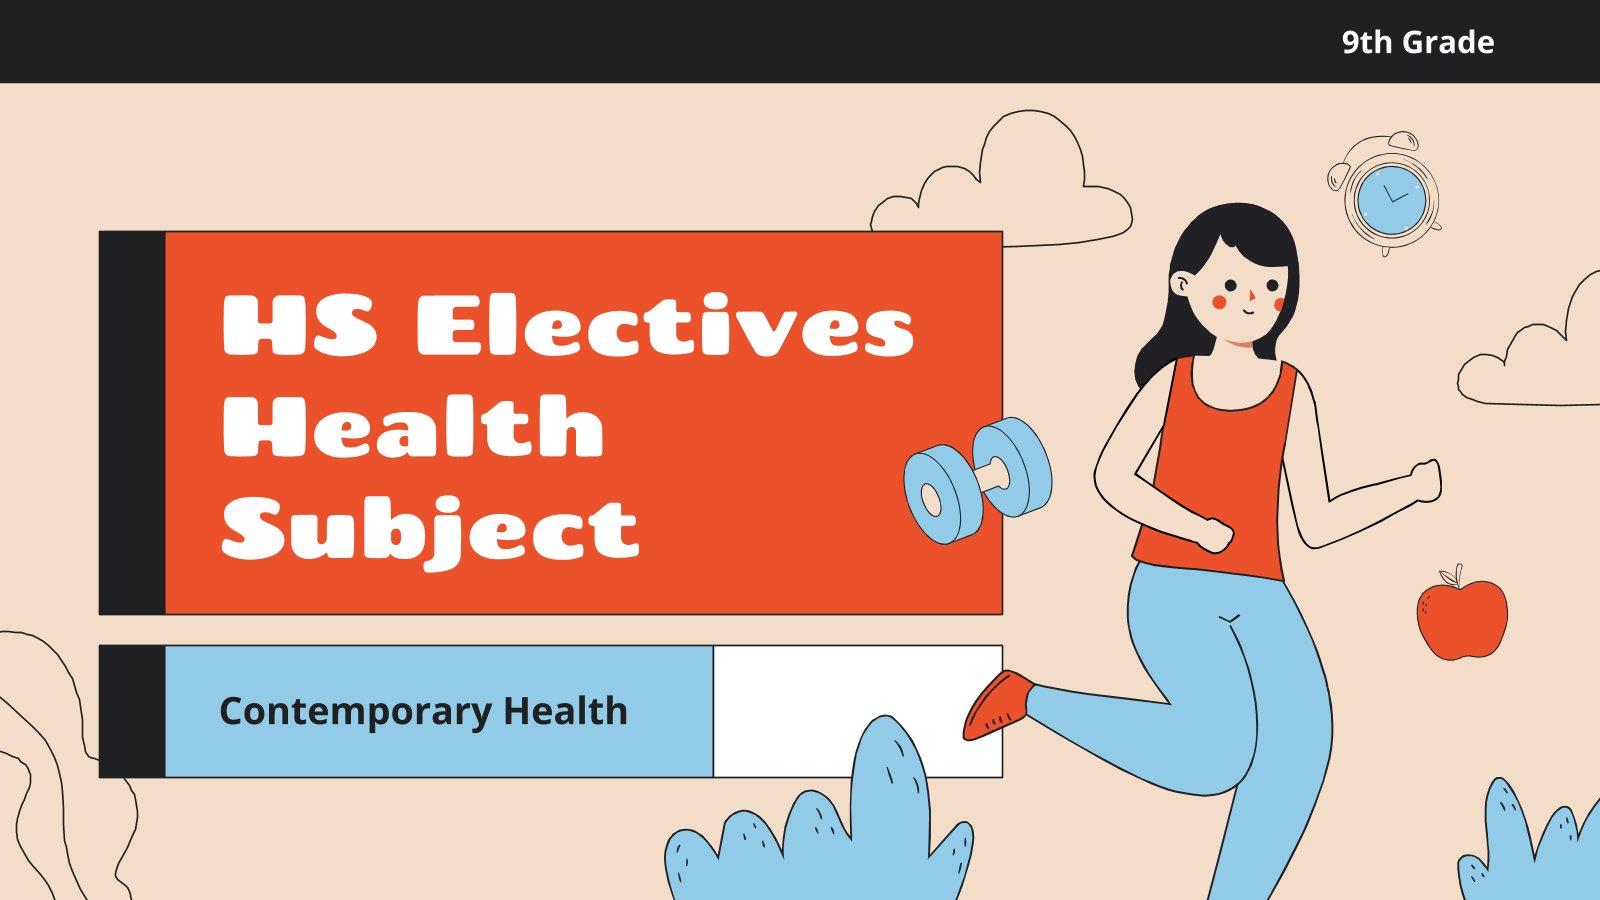 Gesundheit für die 9. Klasse: Aktuelle Gesundheit Präsentationsvorlage